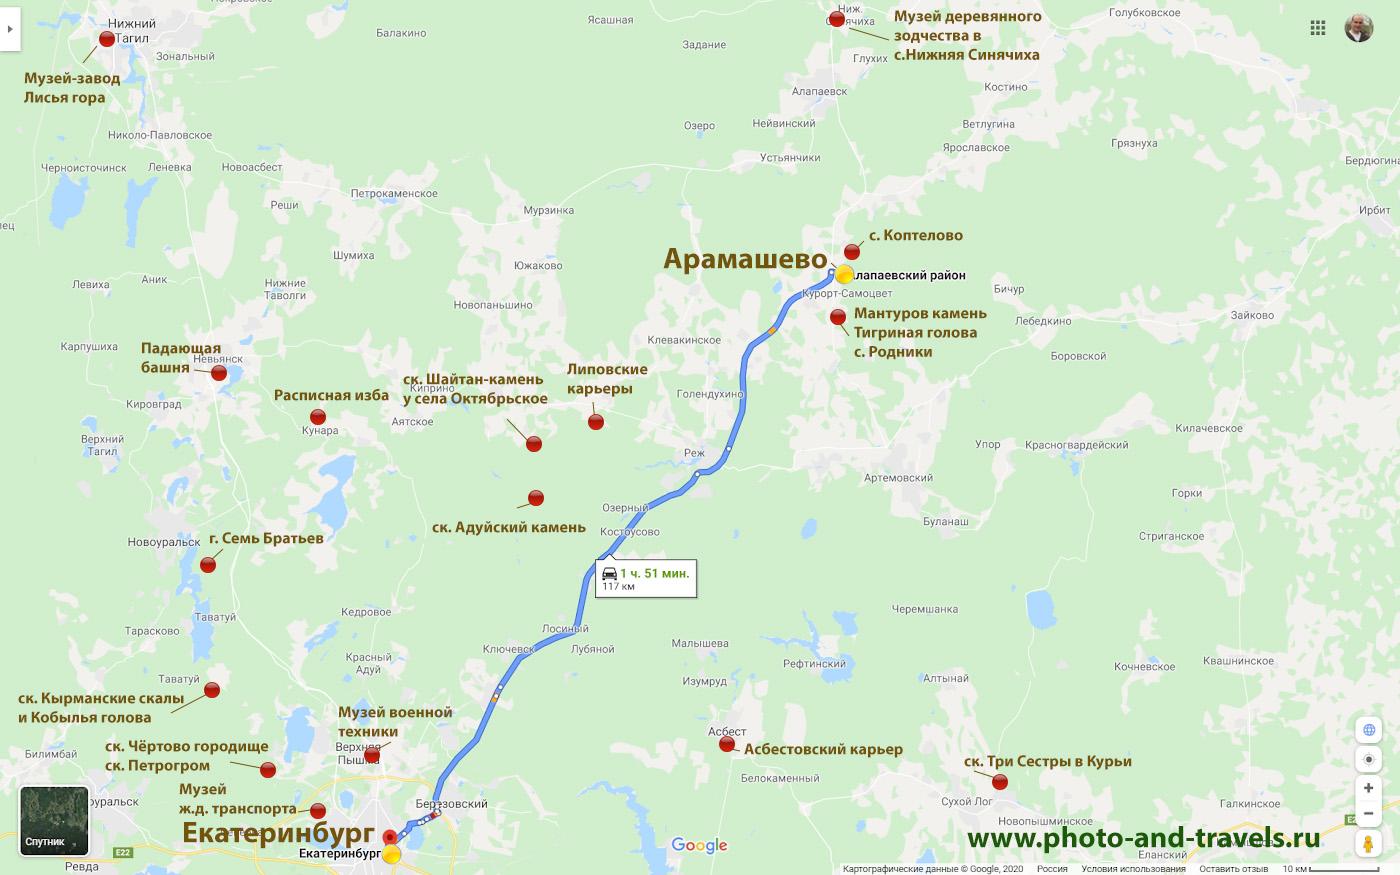 20. Карта расположения интересных достопримечательностей, которые можно посмотреть недалеко от Мироново.